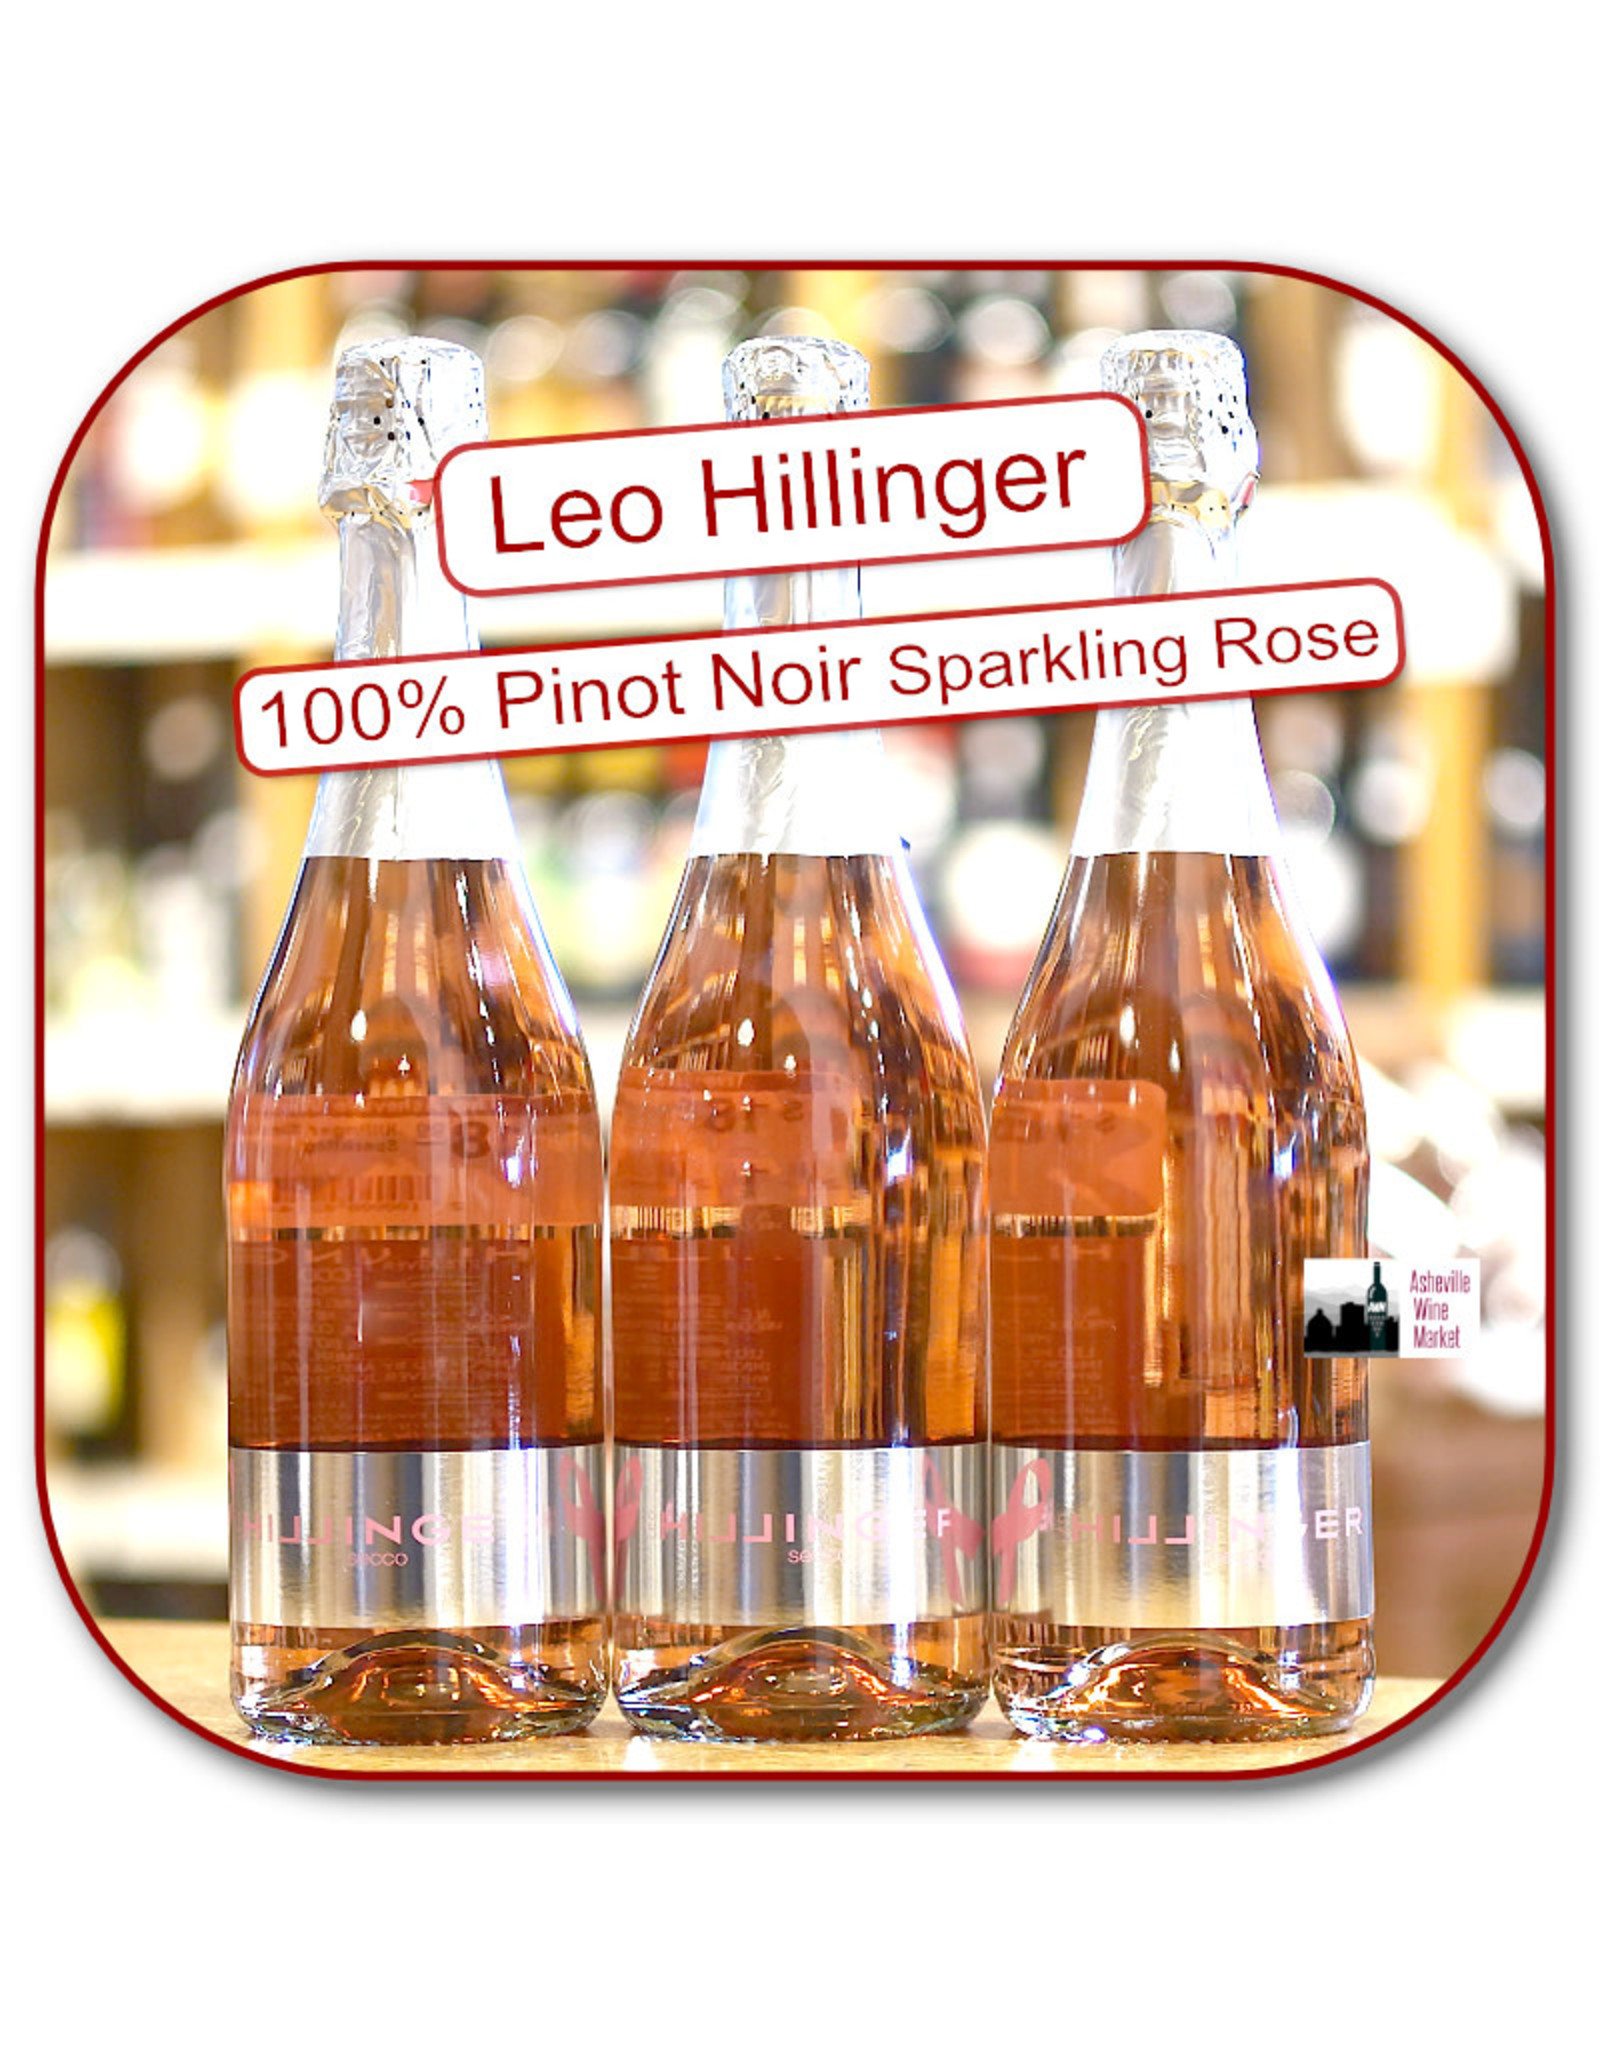 Sparkling -Rosé Hillinger Secco  Sparkling Pinot Noir Rosé